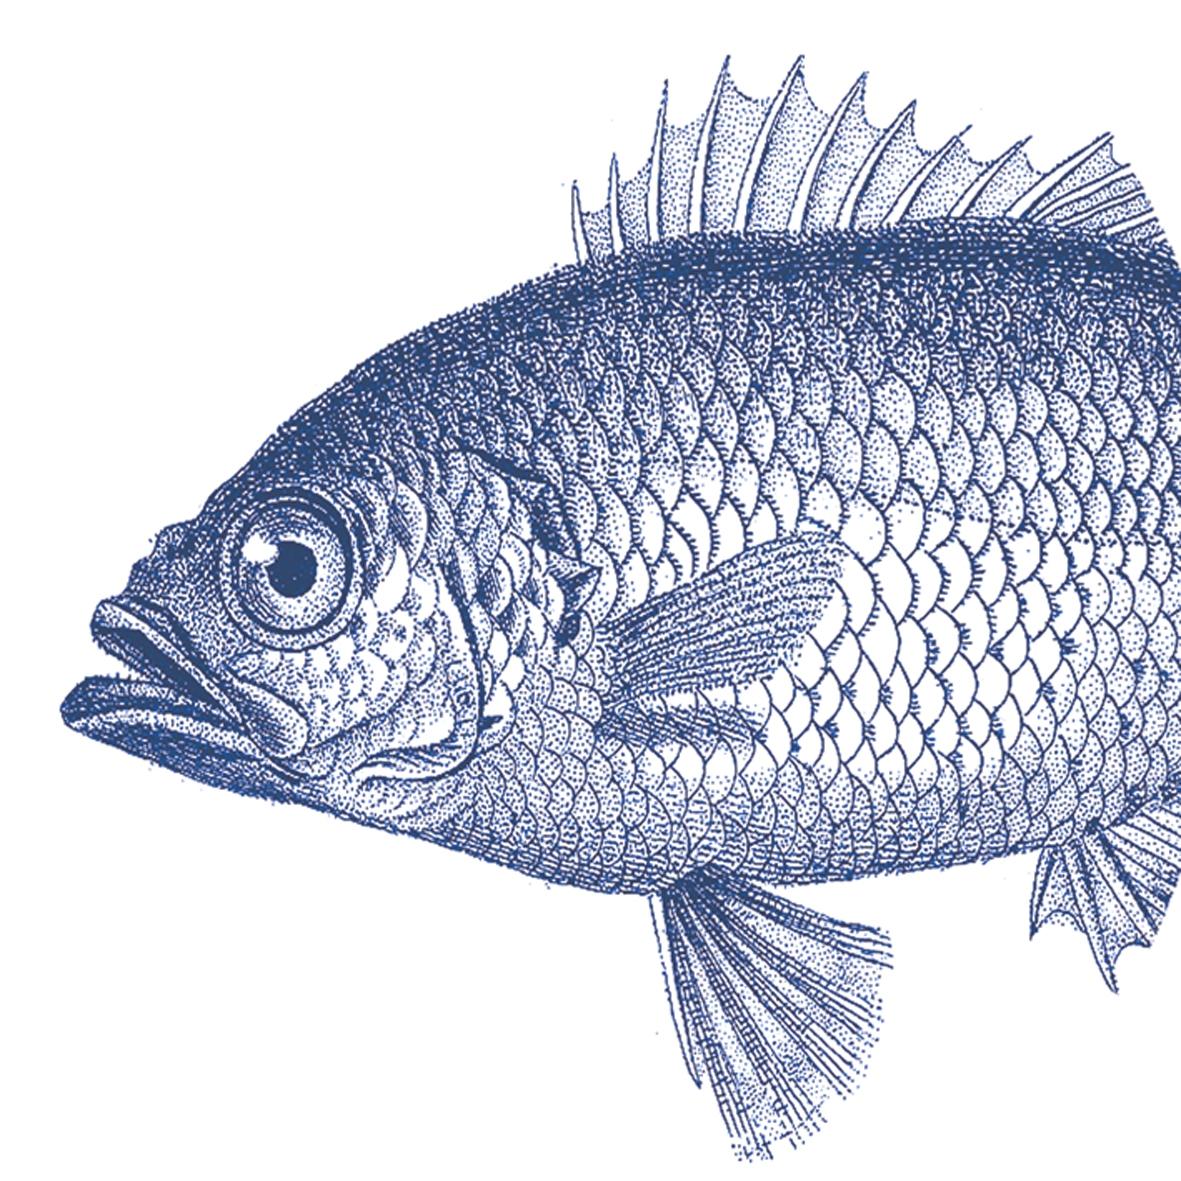 Lunch Servietten Fish marine,  Regionen - Strand / Meer -  Sonstige,  Tiere,  Regionen - Strand / Meer,  Everyday,  lunchservietten